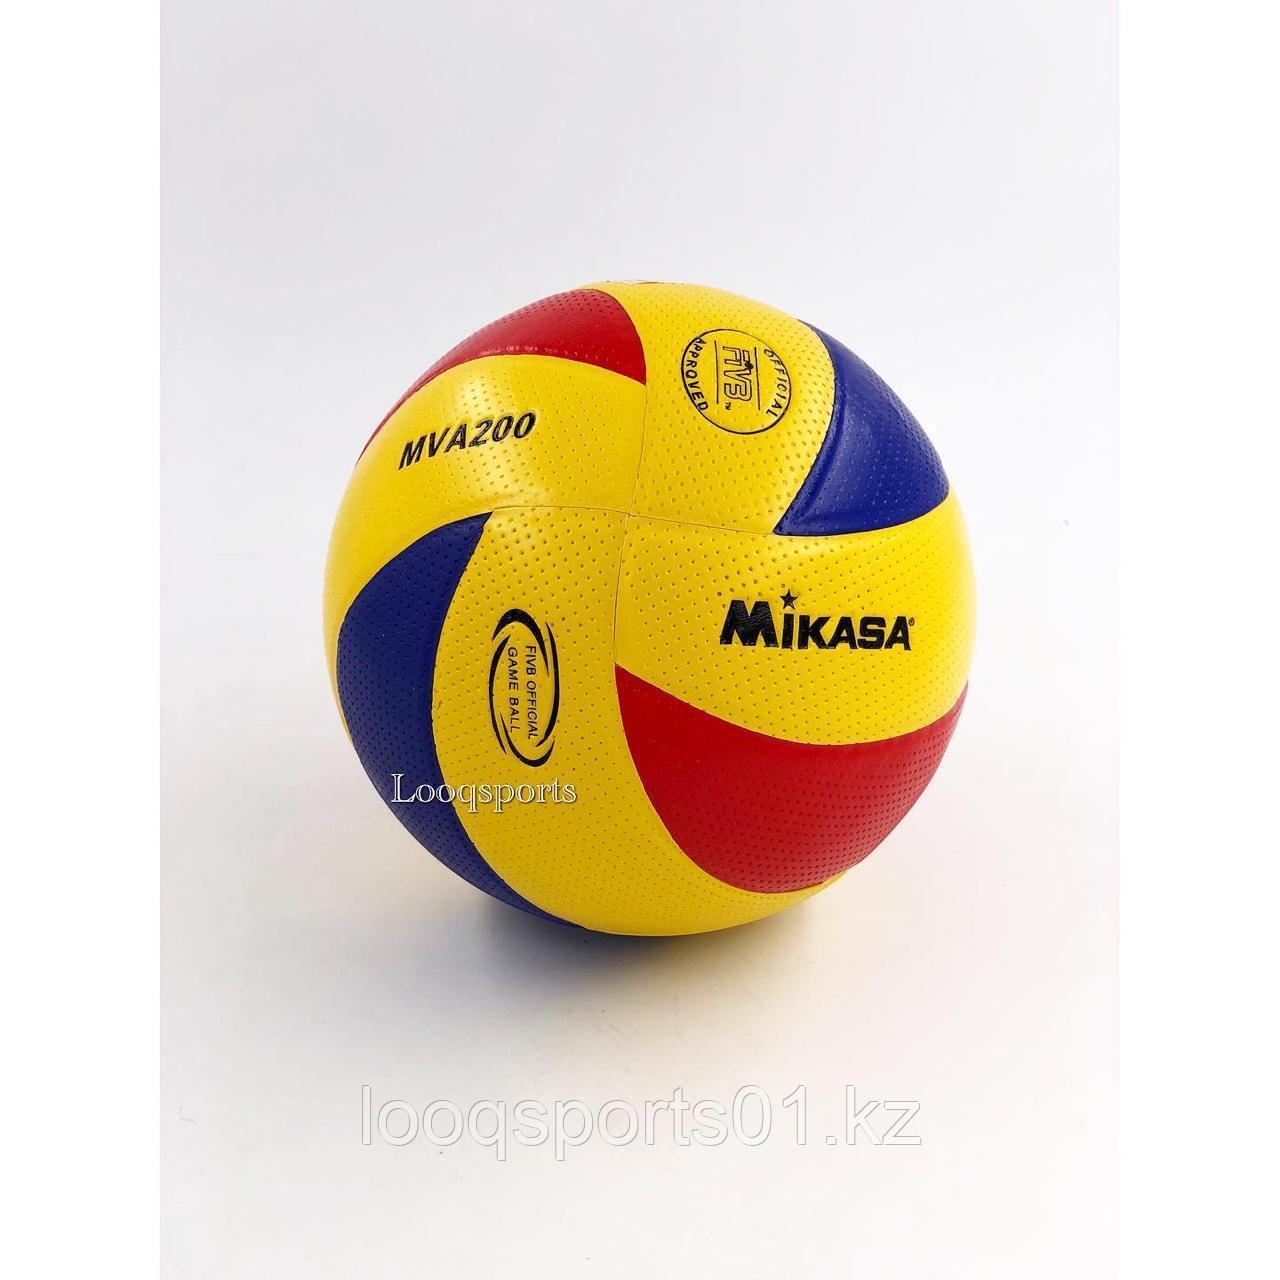 Мяч волейбольный Mikasa MVA 200 с бесплатной доставкой